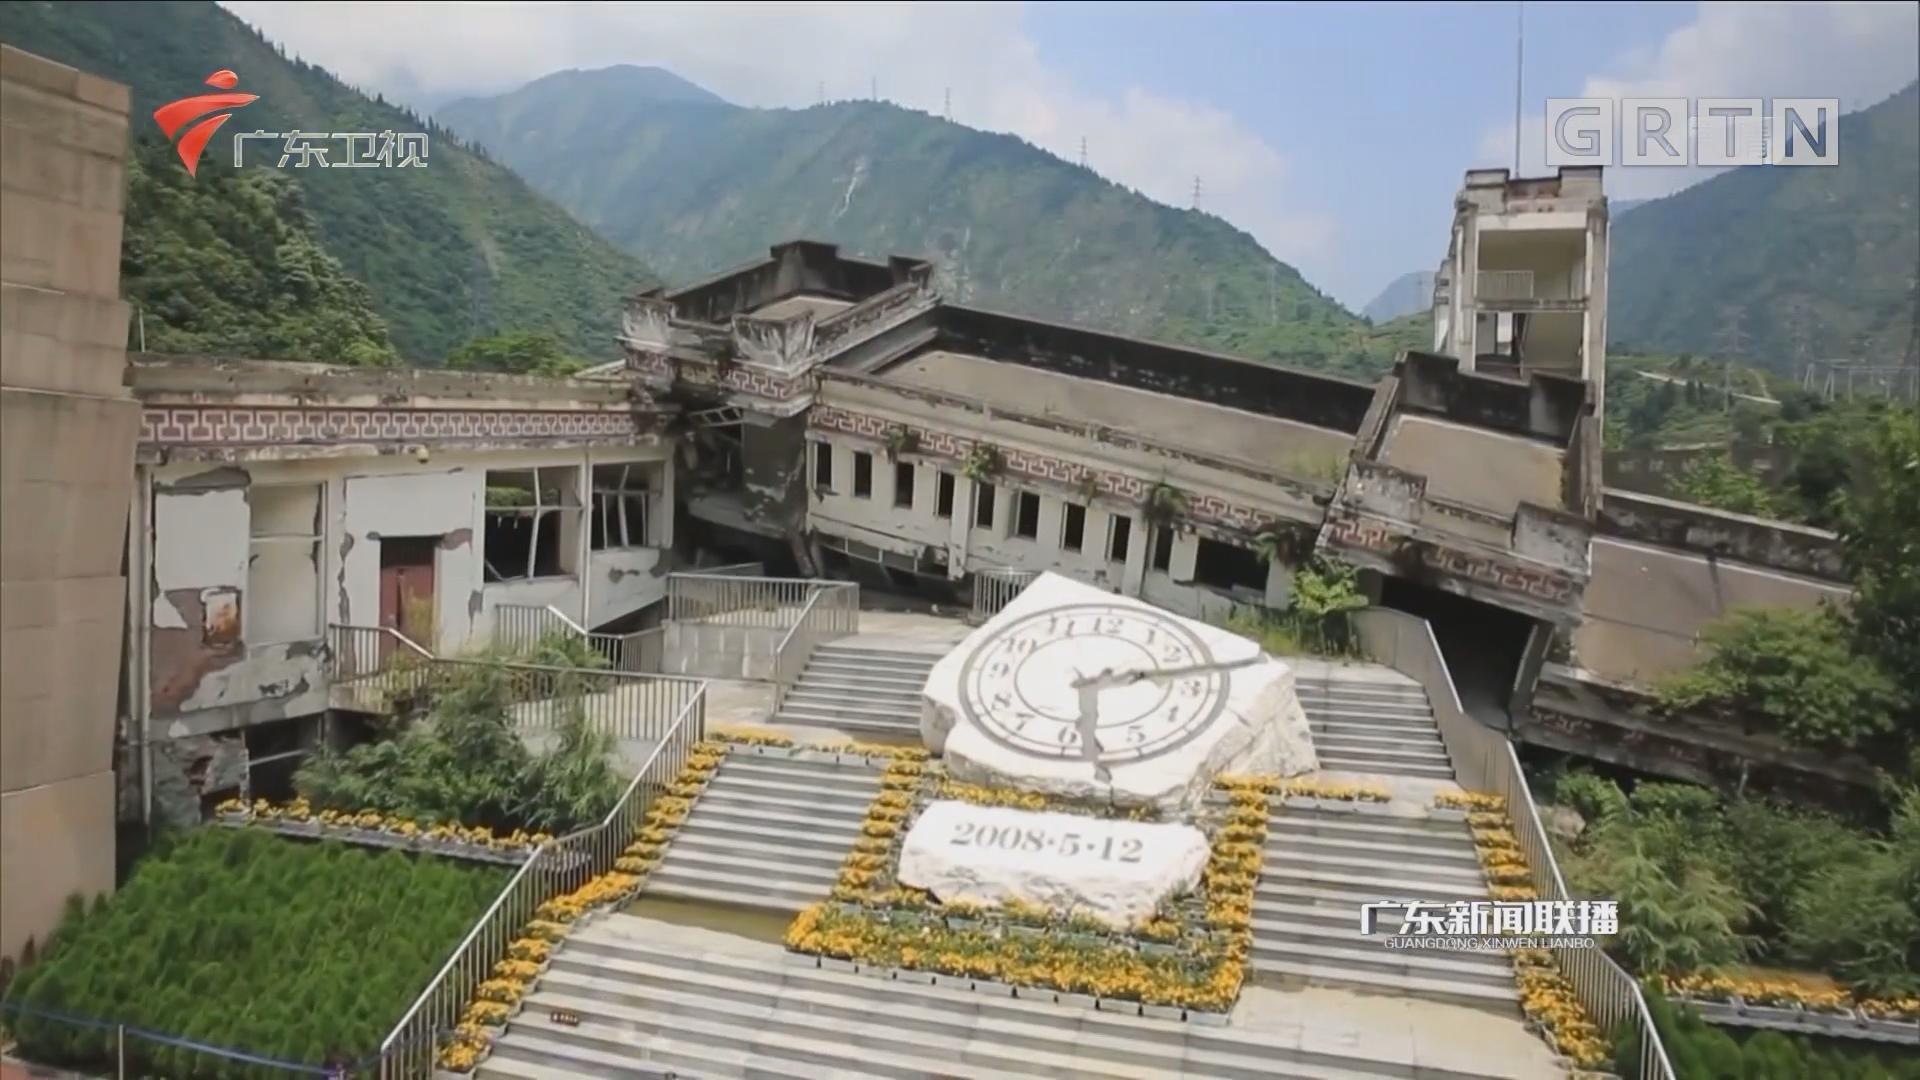 汶川地震十周年:追求幸福生活步伐永不停歇